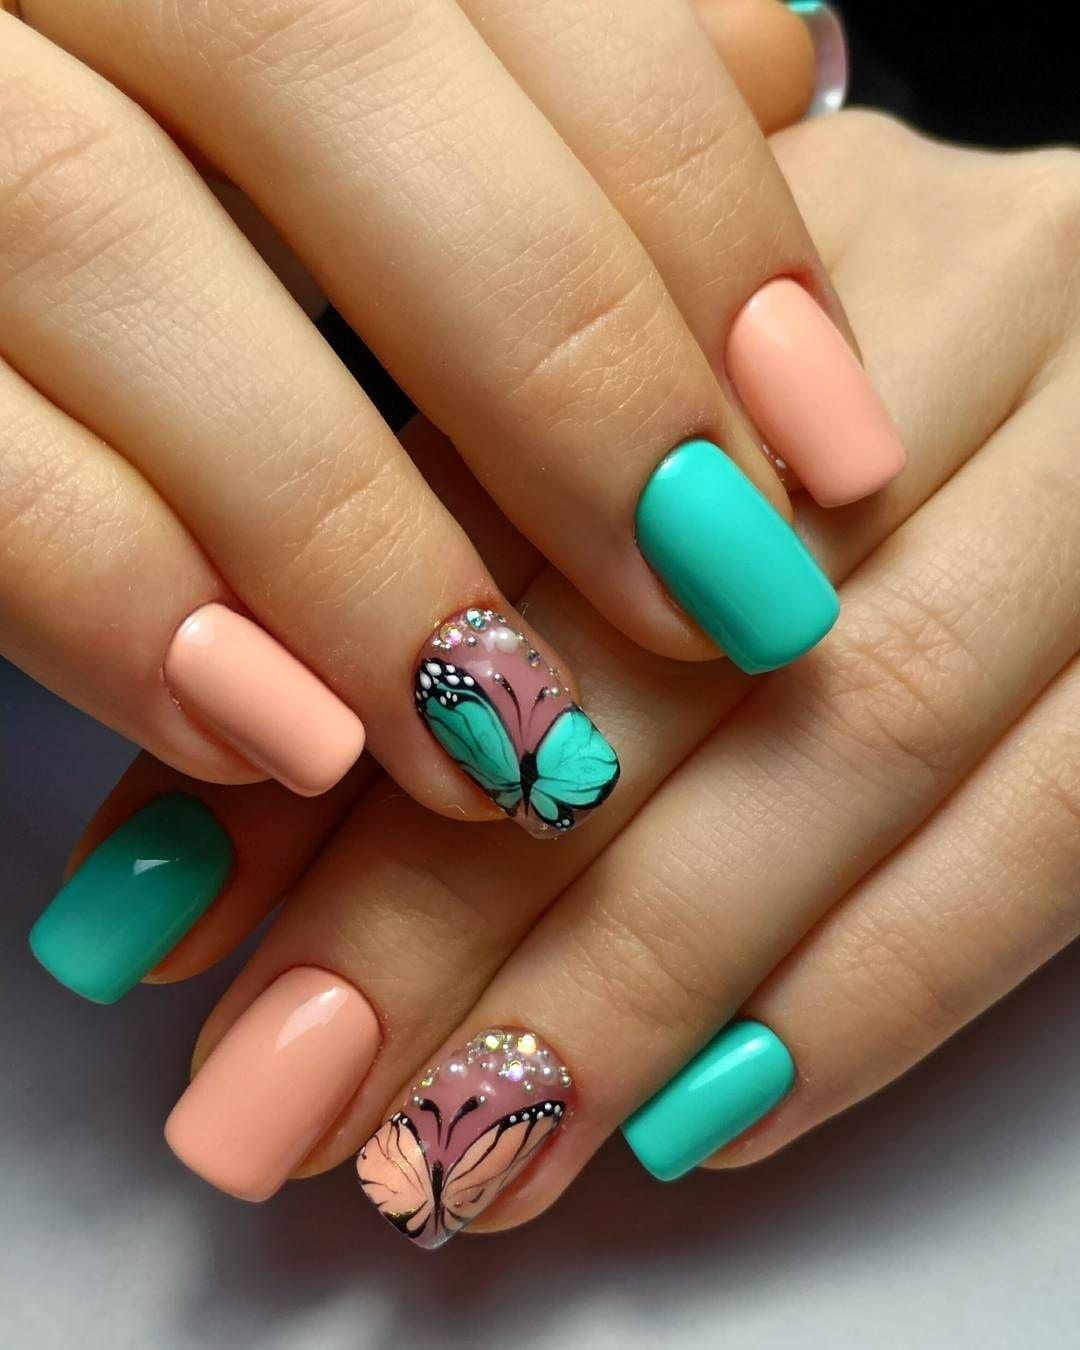 же, нет красивые ногти на лето фото внешний вид, замечательные